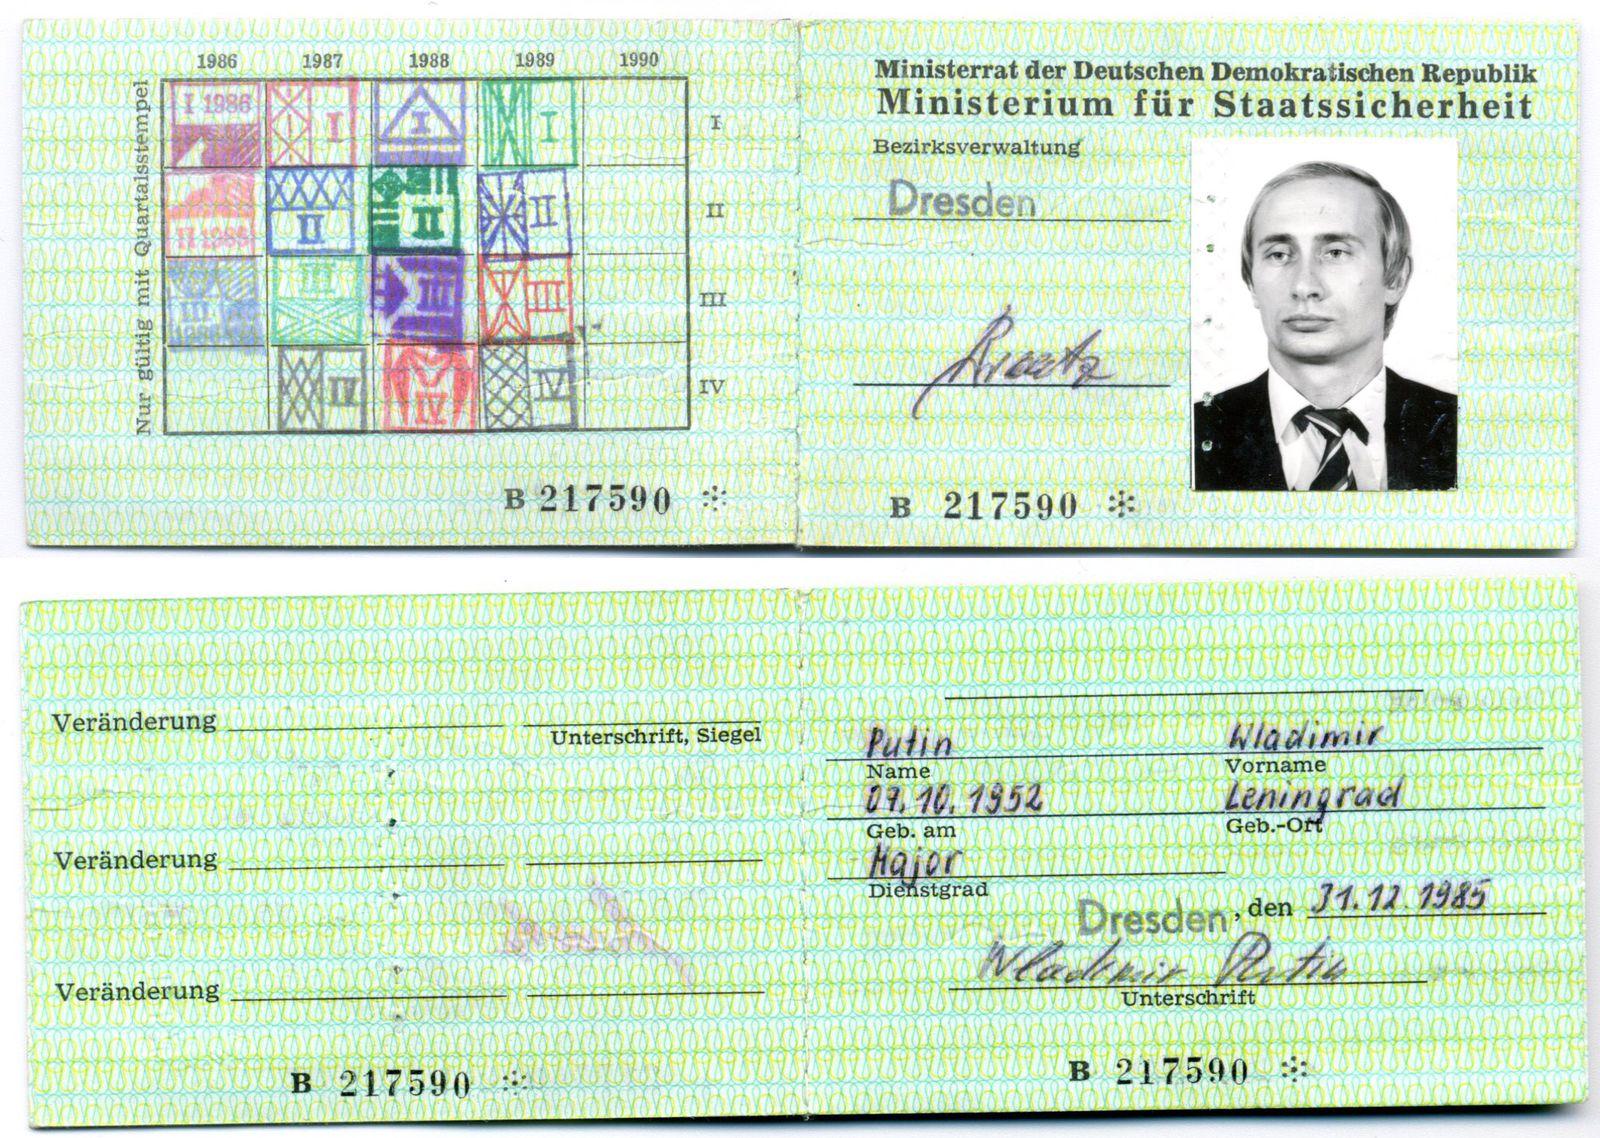 Wladimir Putin: Stasi-Ausweis von Ex-KGB-Offizier in Dresden gefunden - DER  SPIEGEL